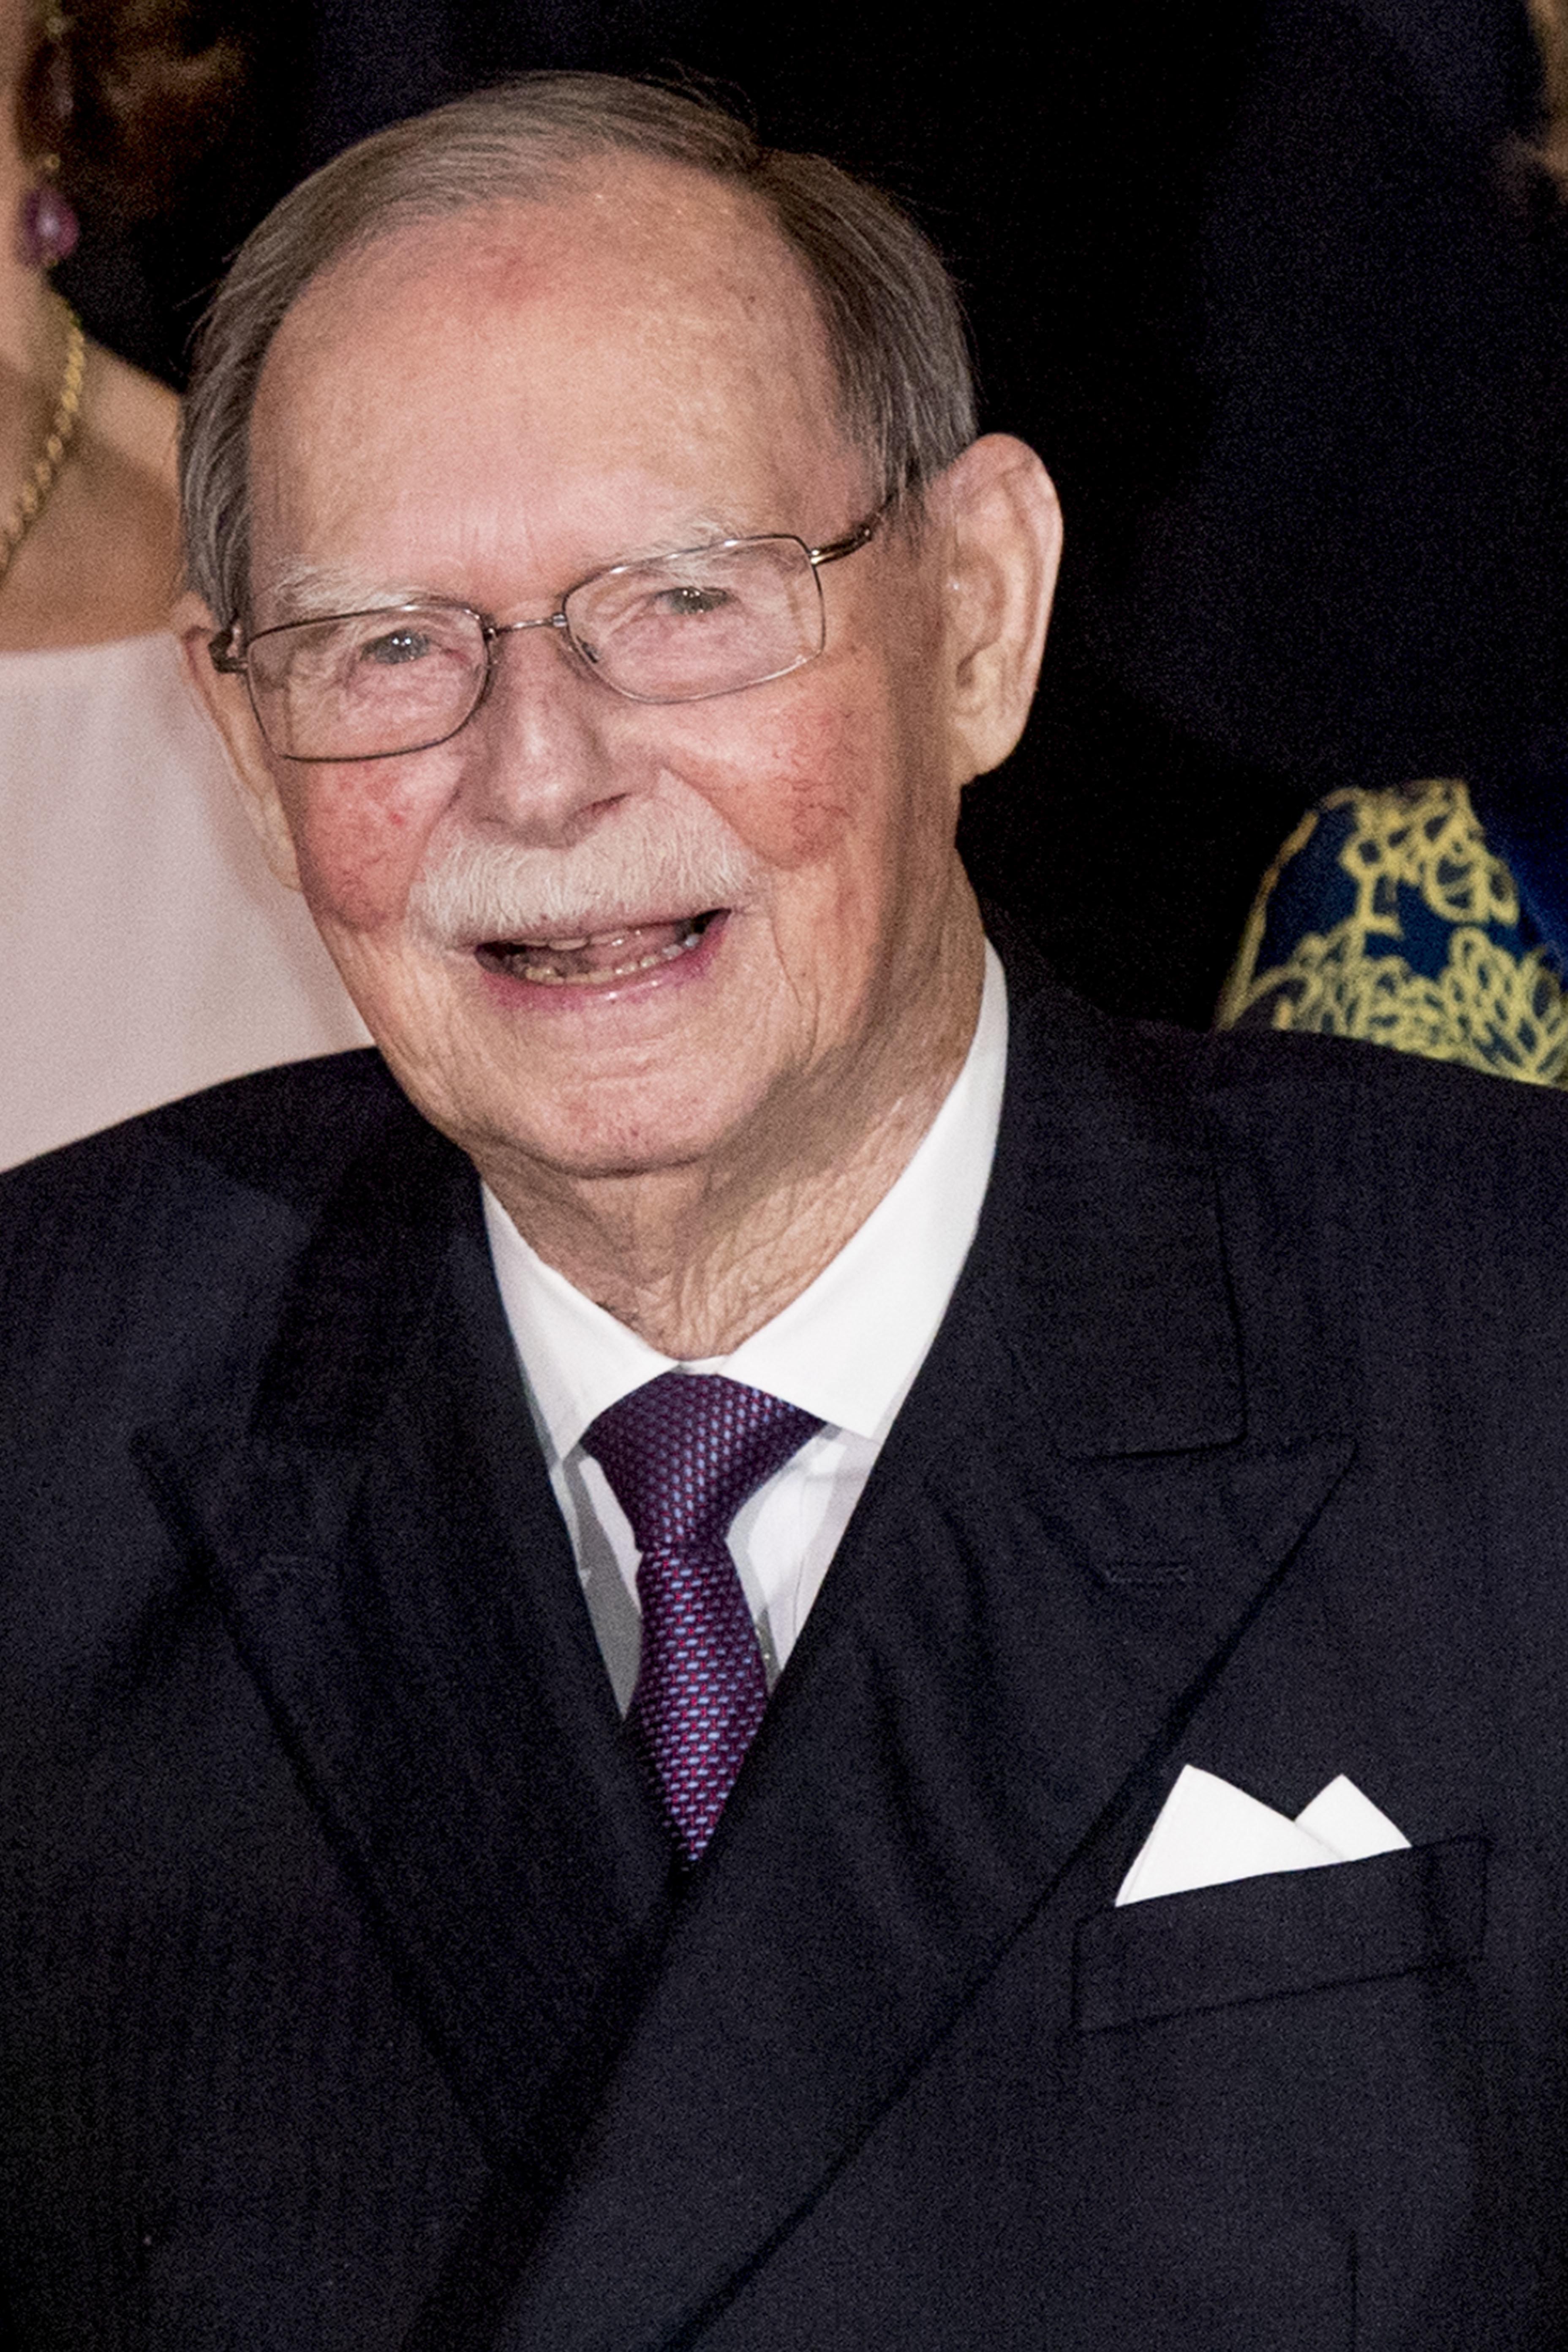 Muere el gran duque Juan de Luxemburgo a los 98